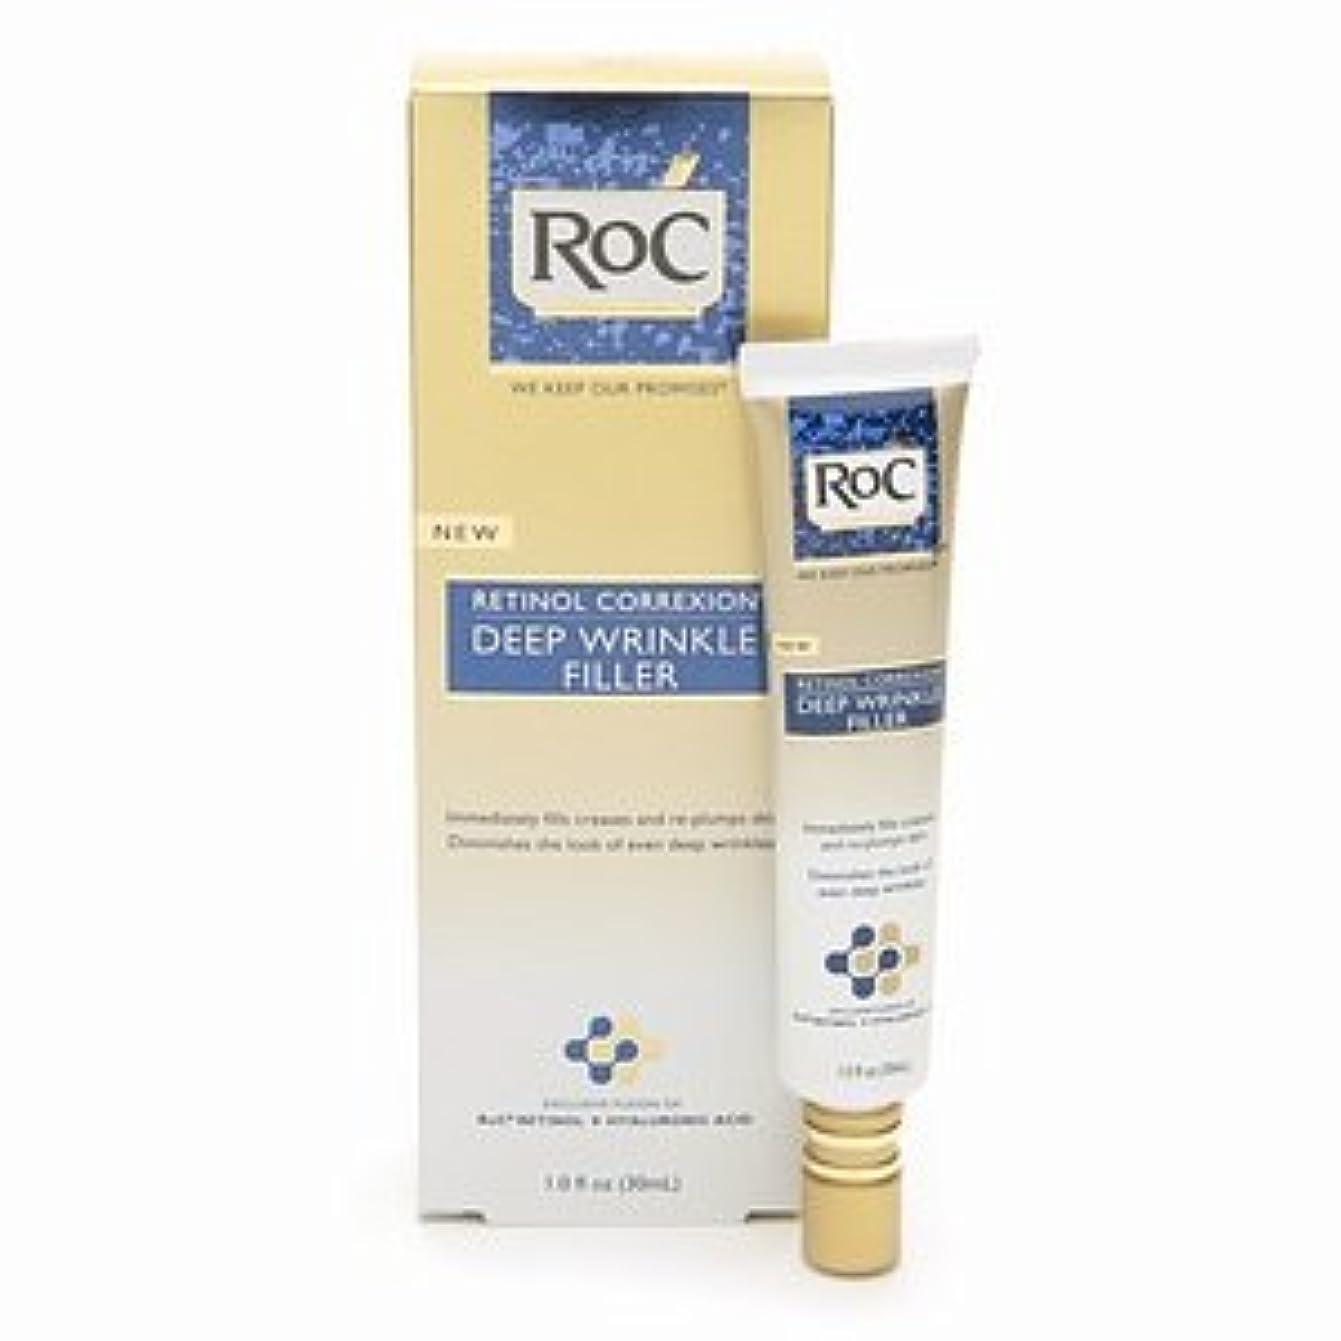 株式柔らかさかもしれないRoC レチノール コレクション ディープリンクル フィラー RoC Retinol Correxion Deep Wrinkle Filler